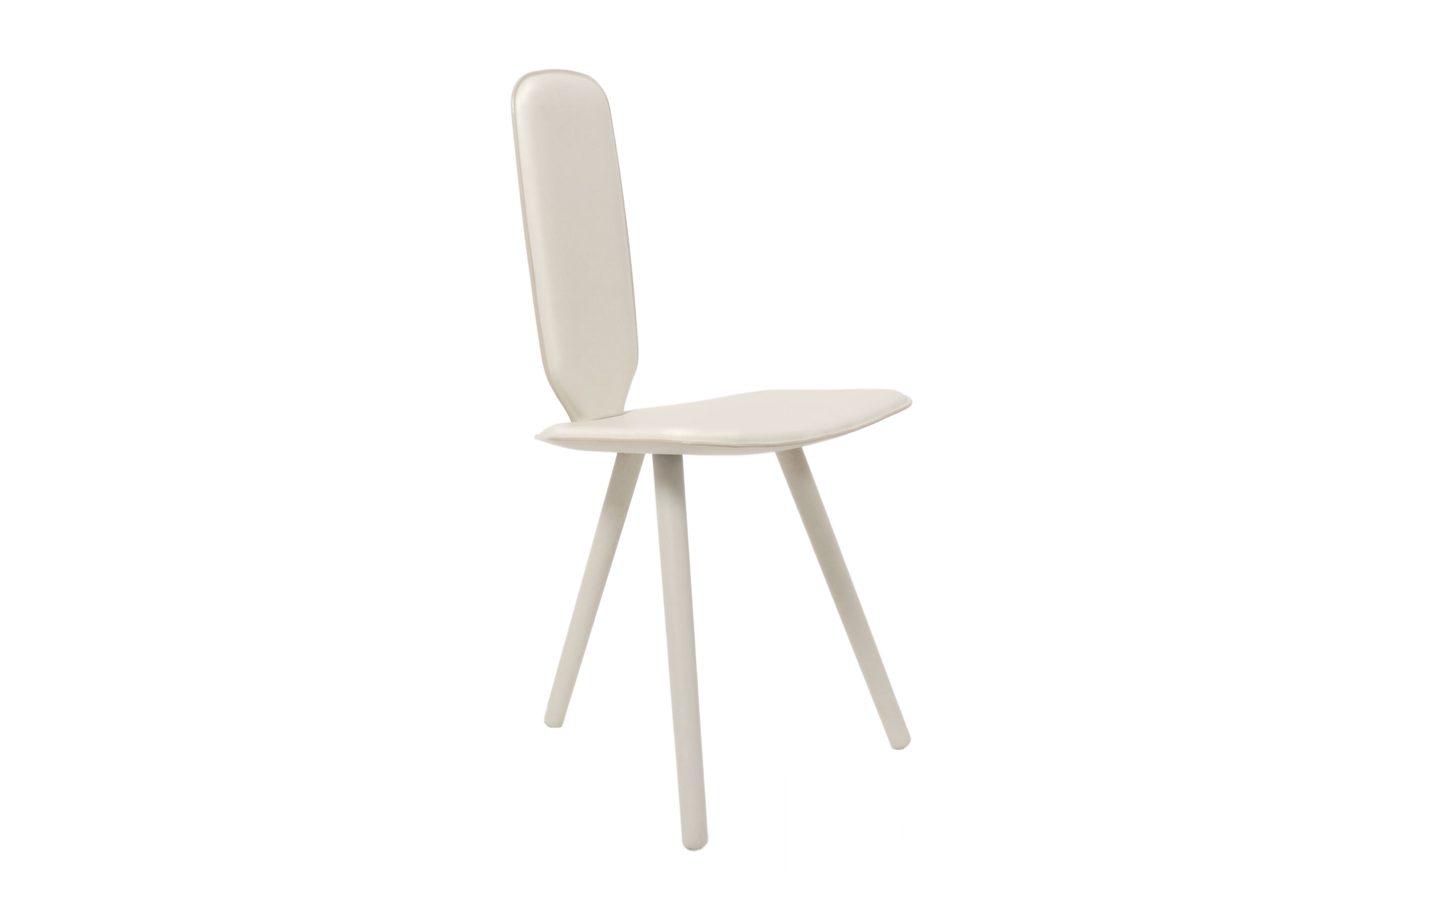 Bavaresk-dining-chair-white